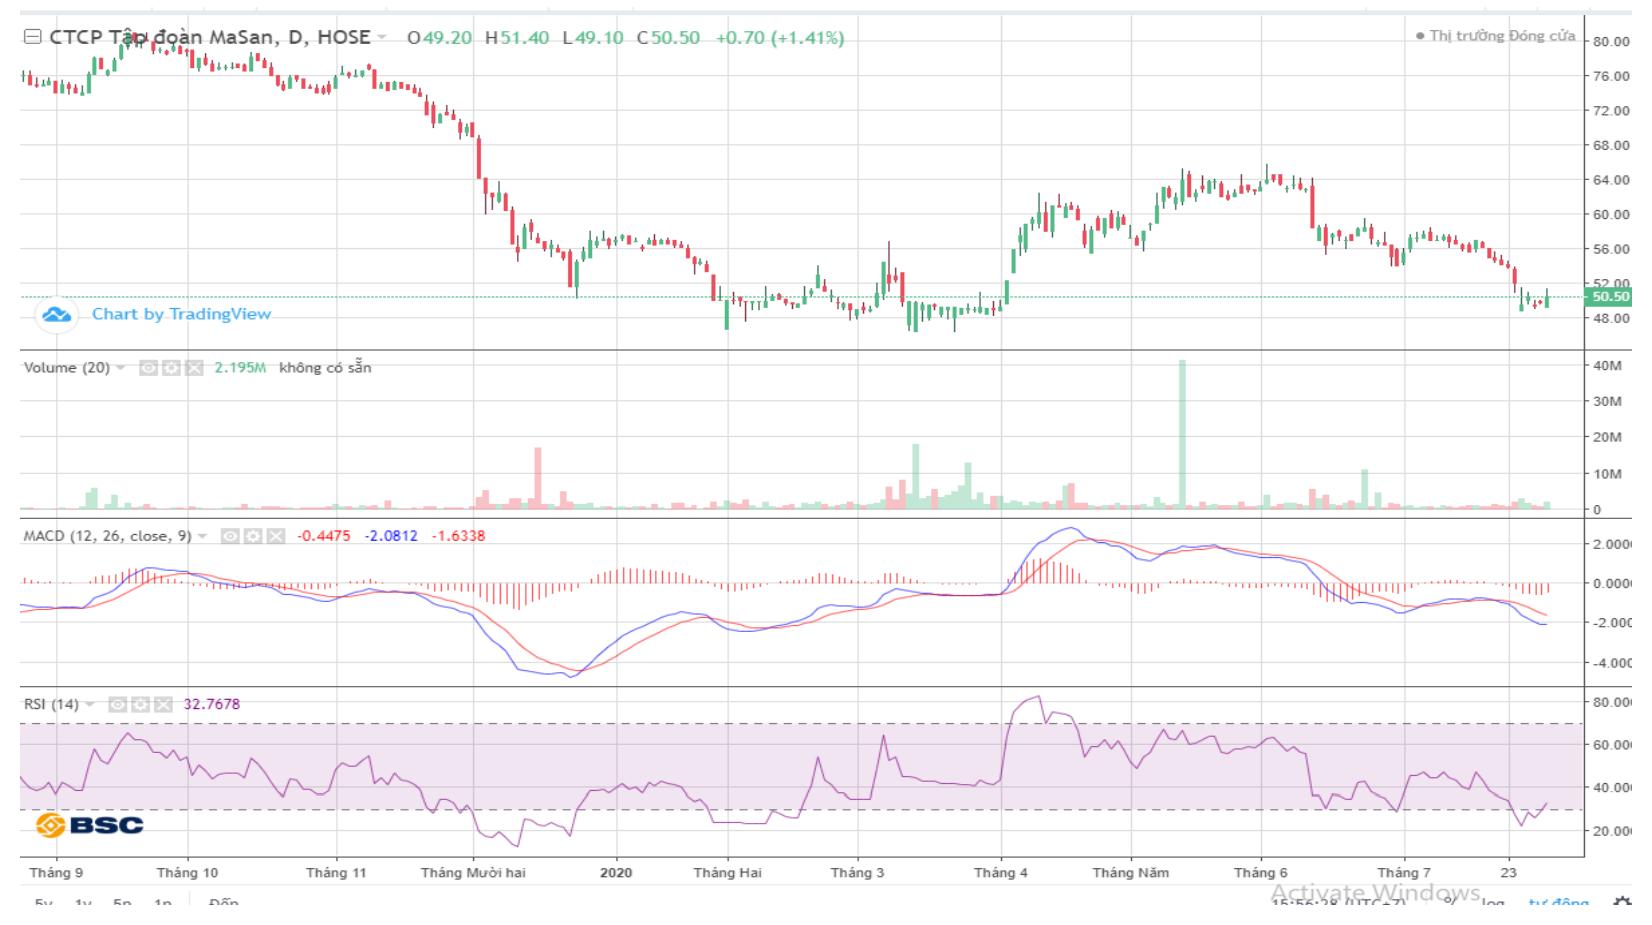 Cổ phiếu tâm điểm ngày 3/8: VIC, MSN, SNZ, HDG, TDM - Ảnh 2.